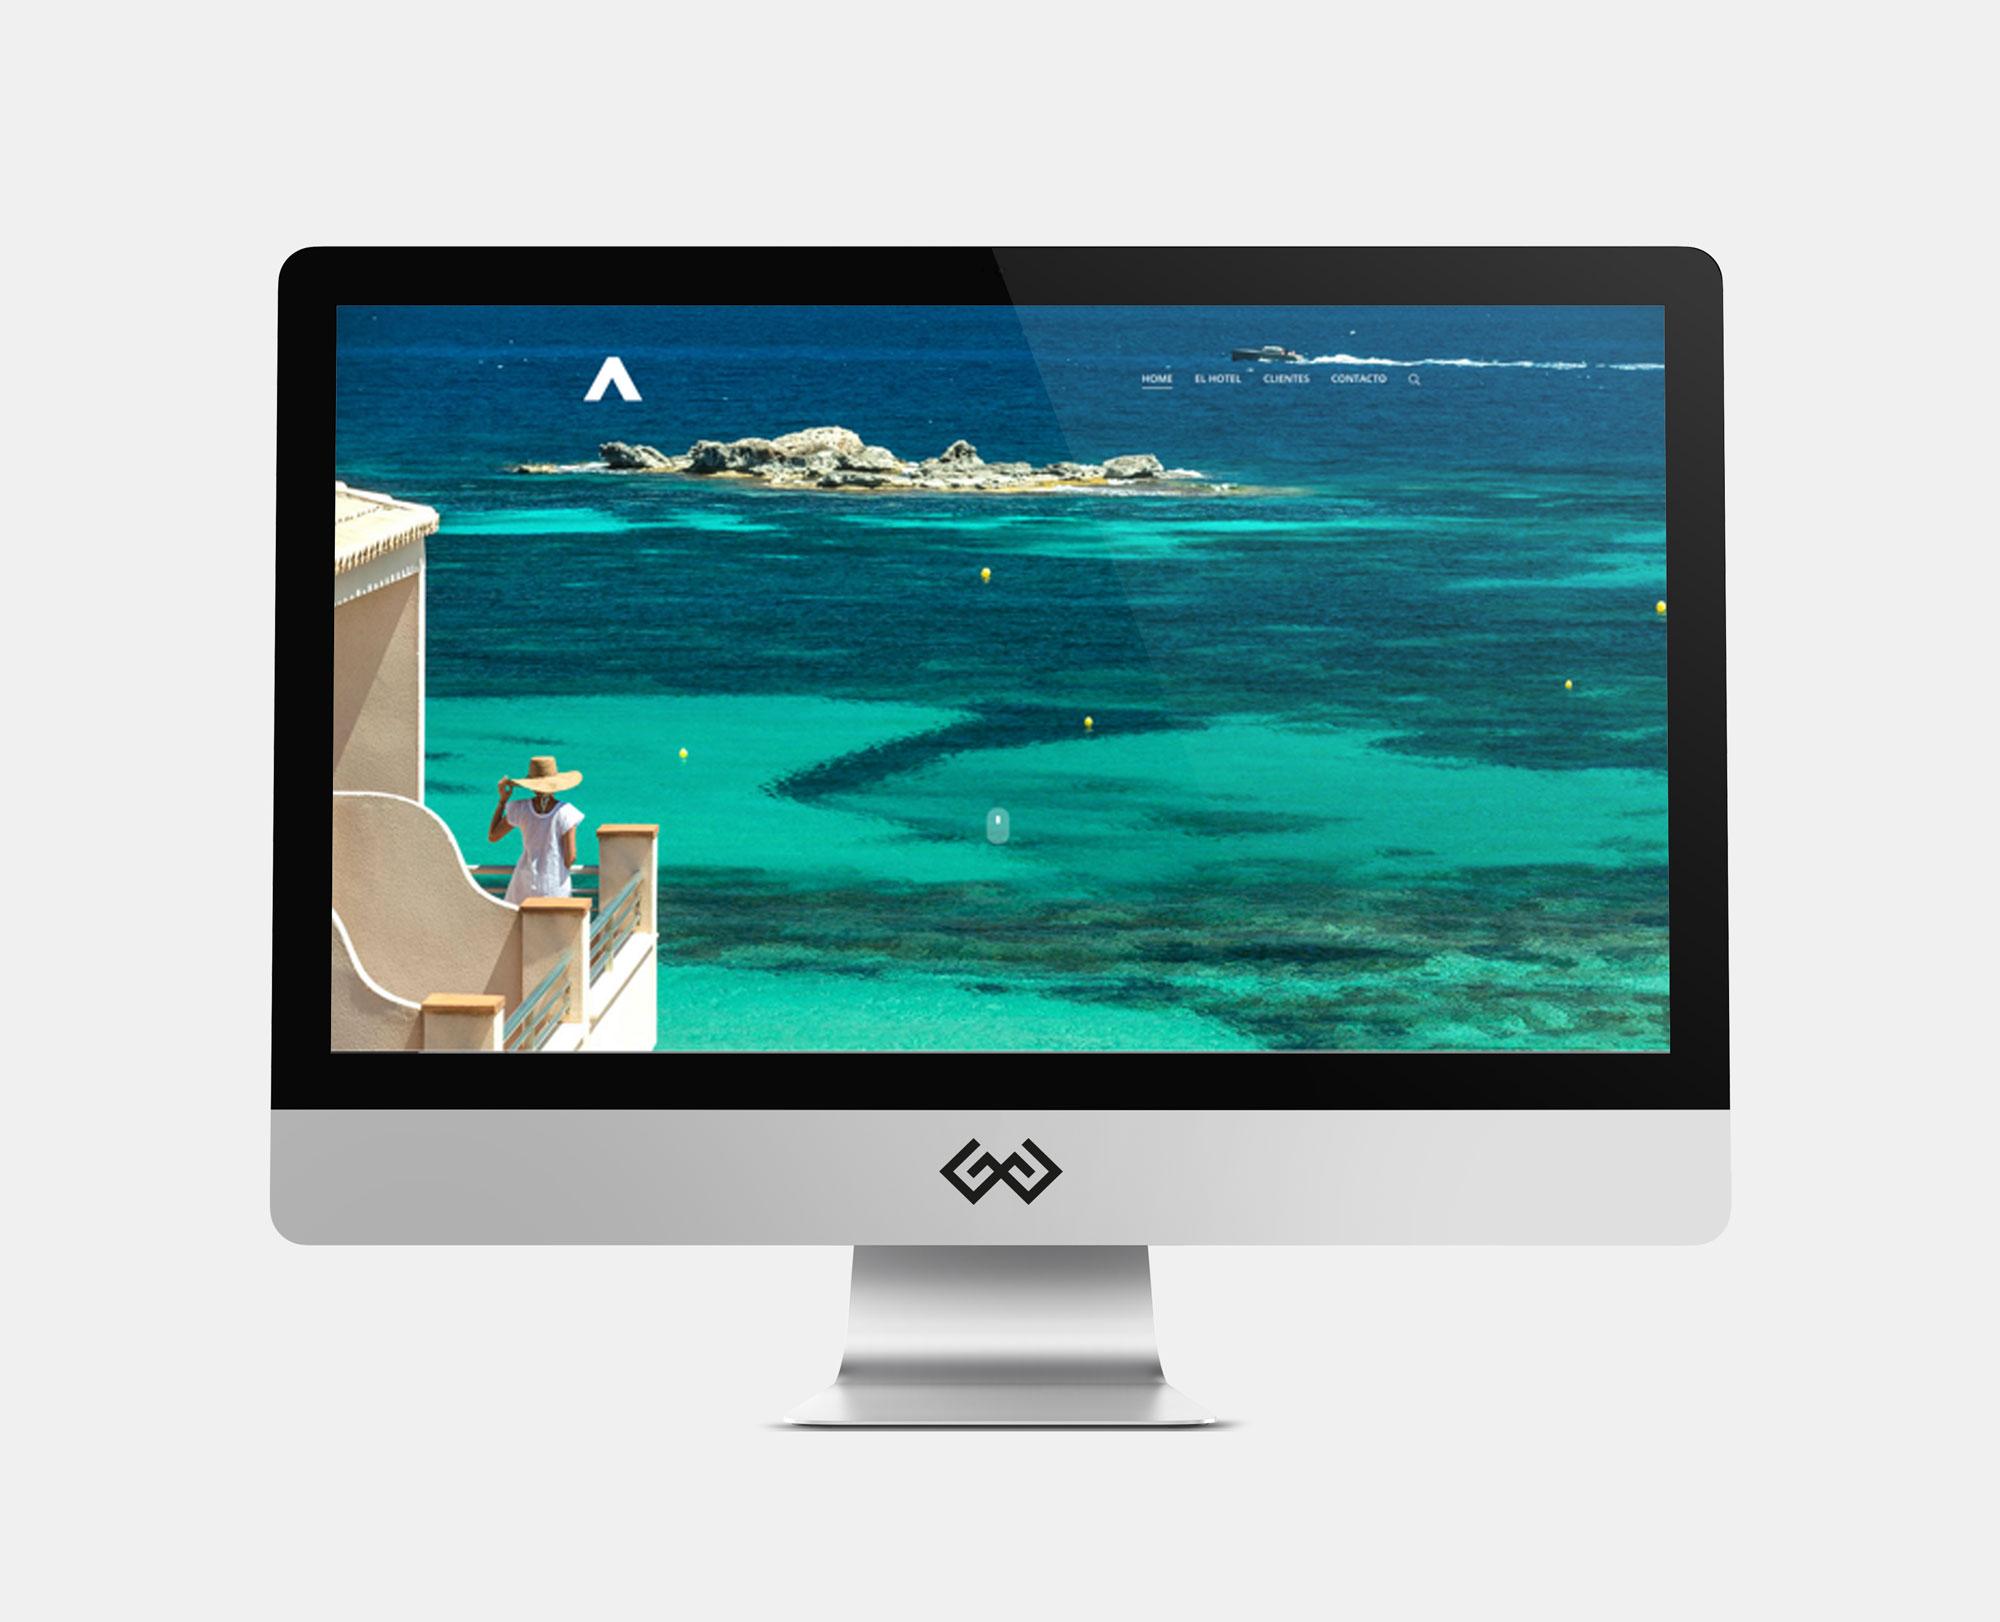 Tahiti-iMac-Web-Disseny-Feat